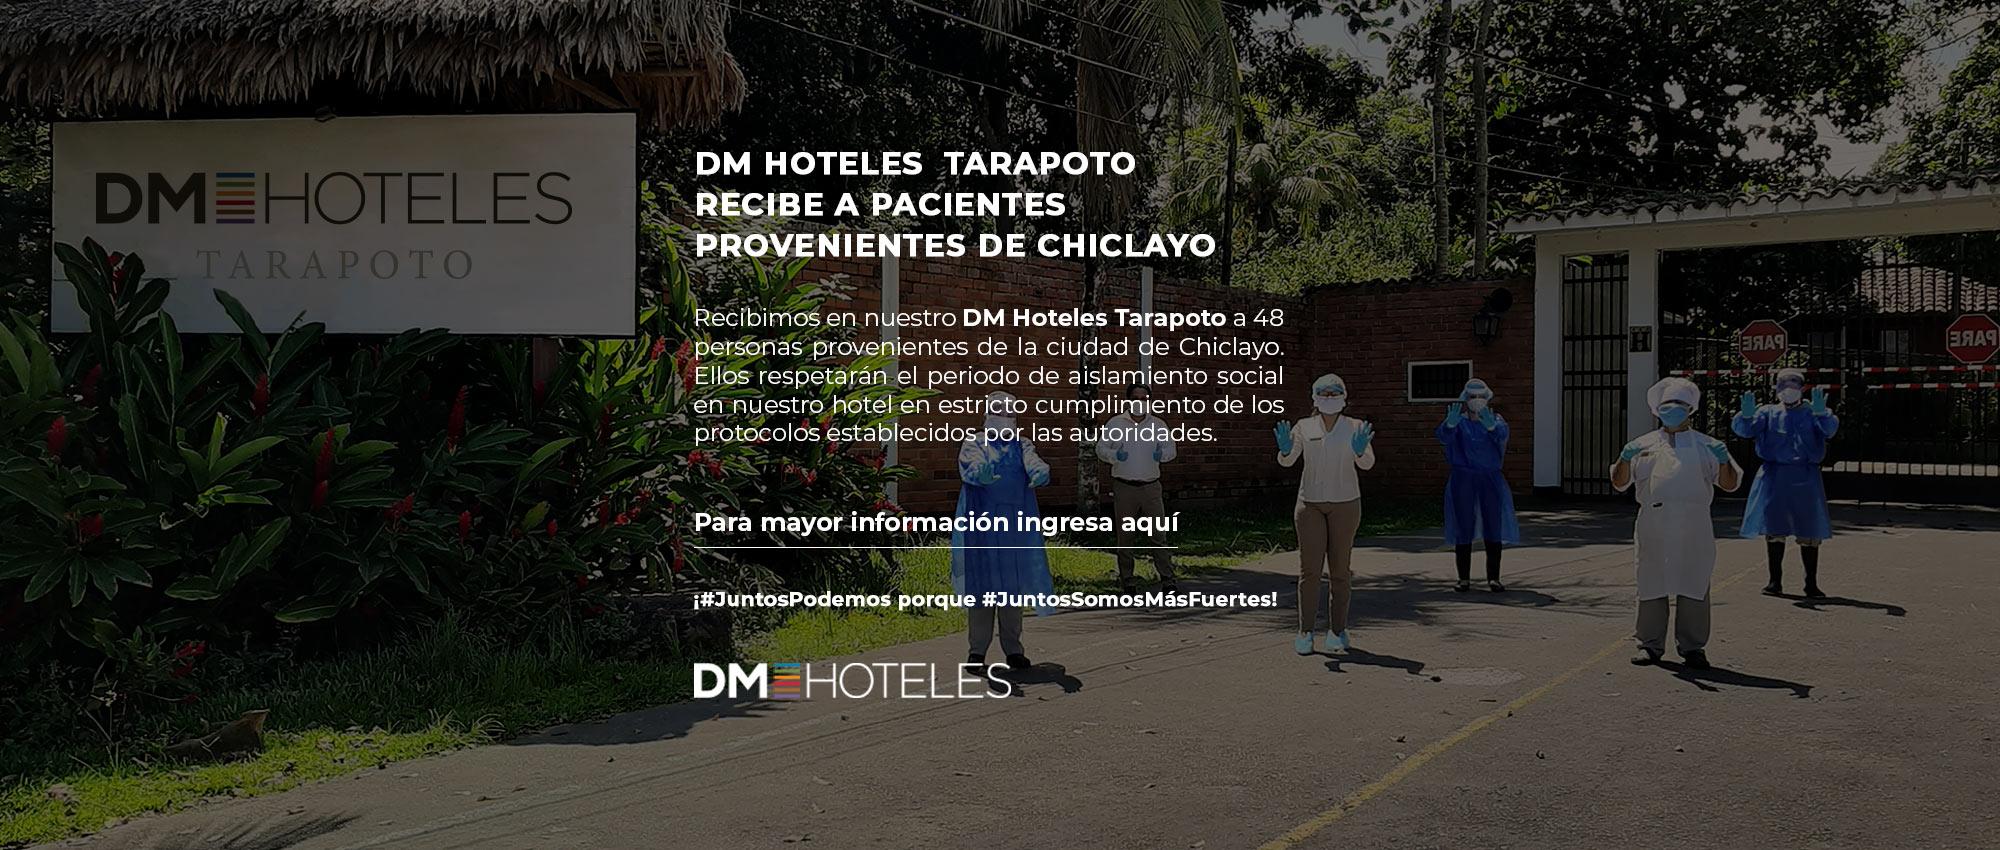 dm-hoteles-peru-juntos-podemos-covid-19-banner-home-dm-tarapoto